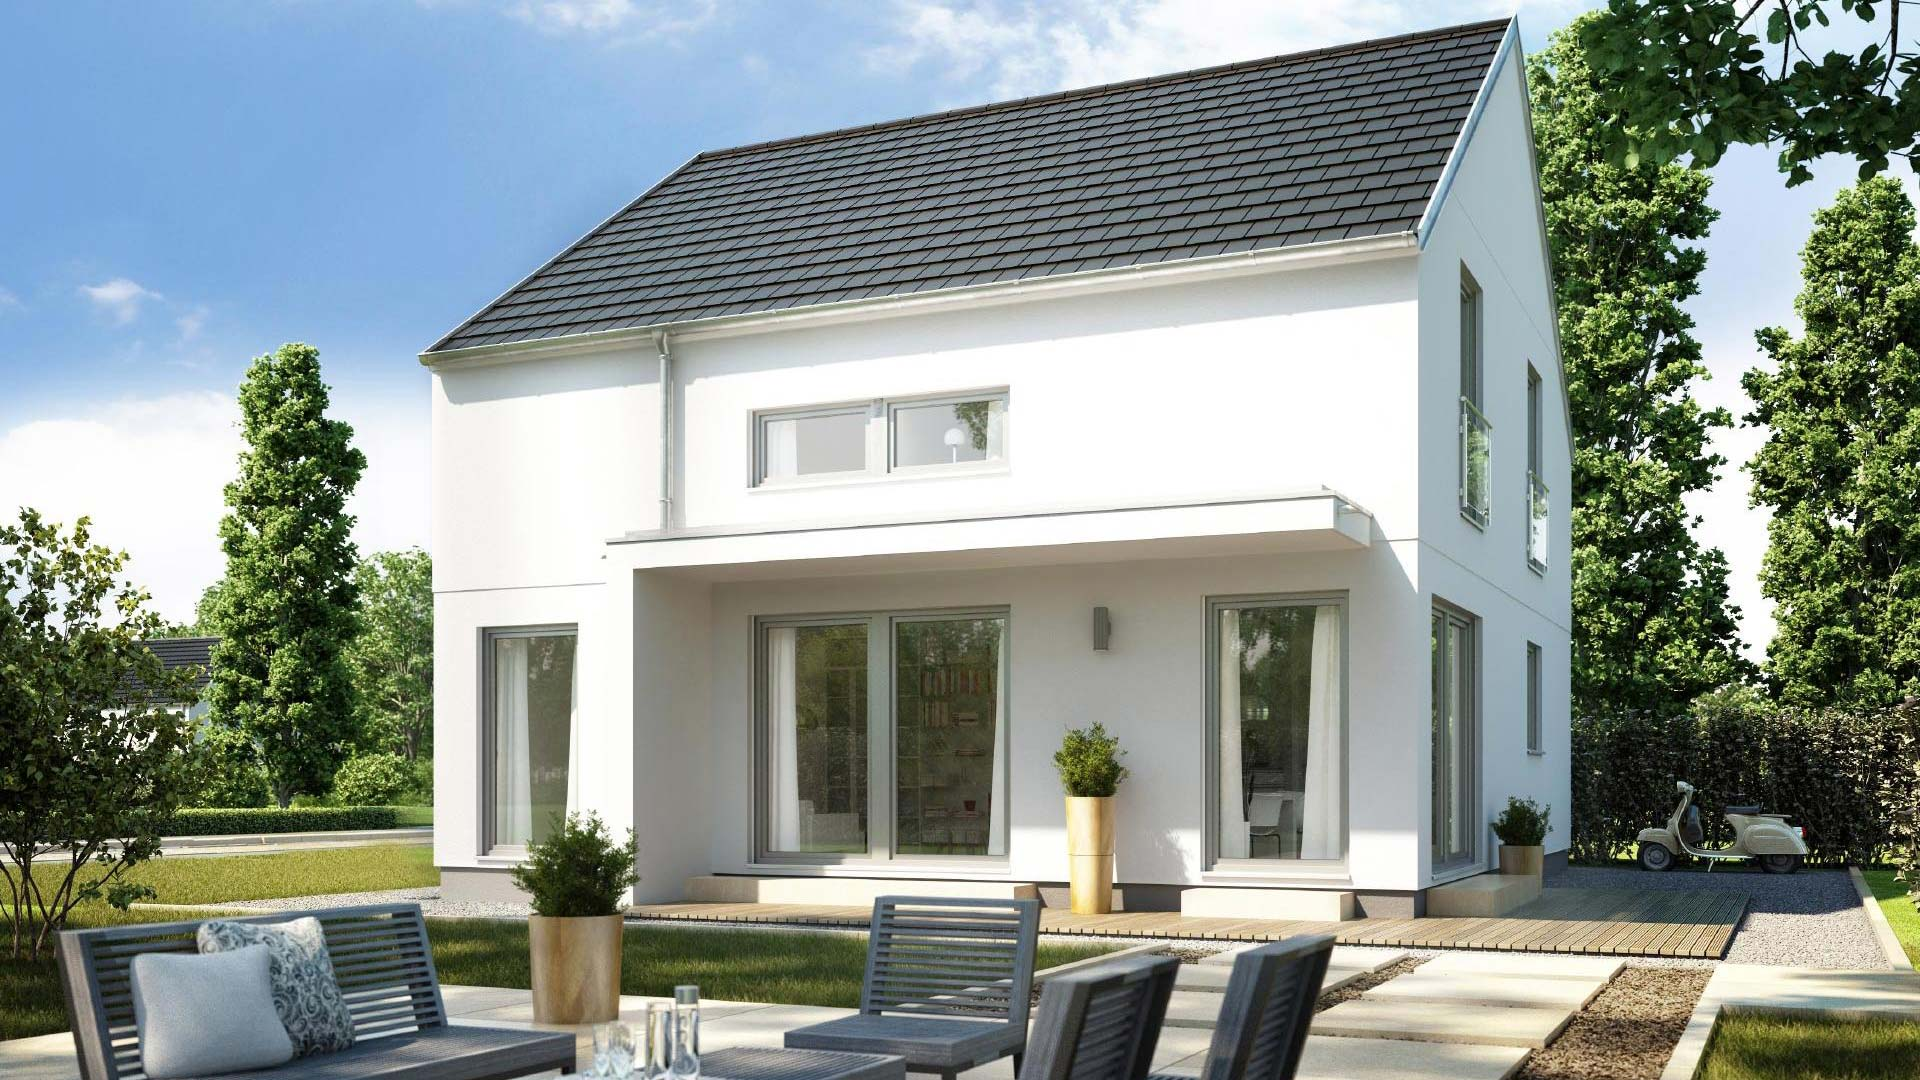 Massivhaus bauen - Häuser Einfamilienhäuser mit flex-Haus